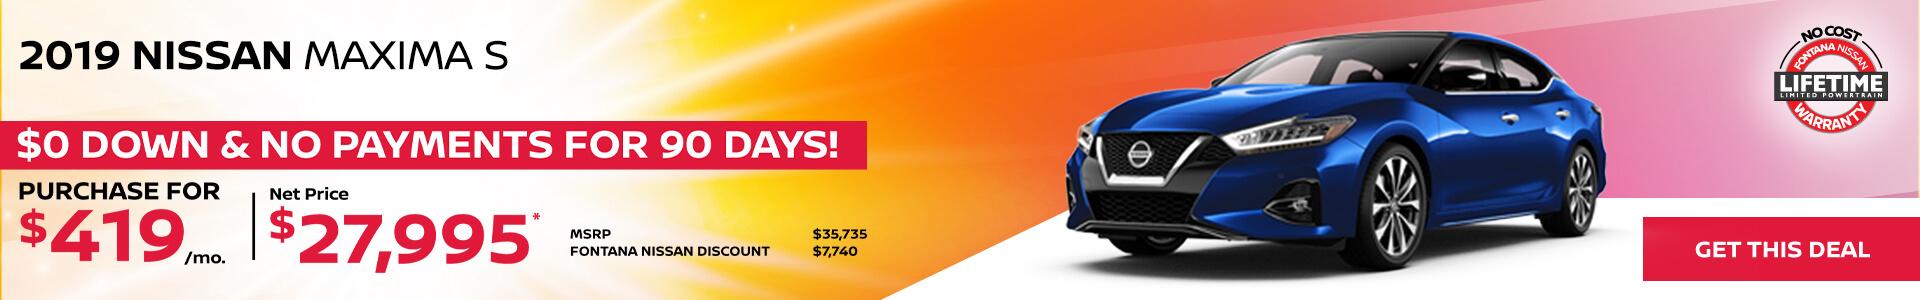 Nissan Maxima $419